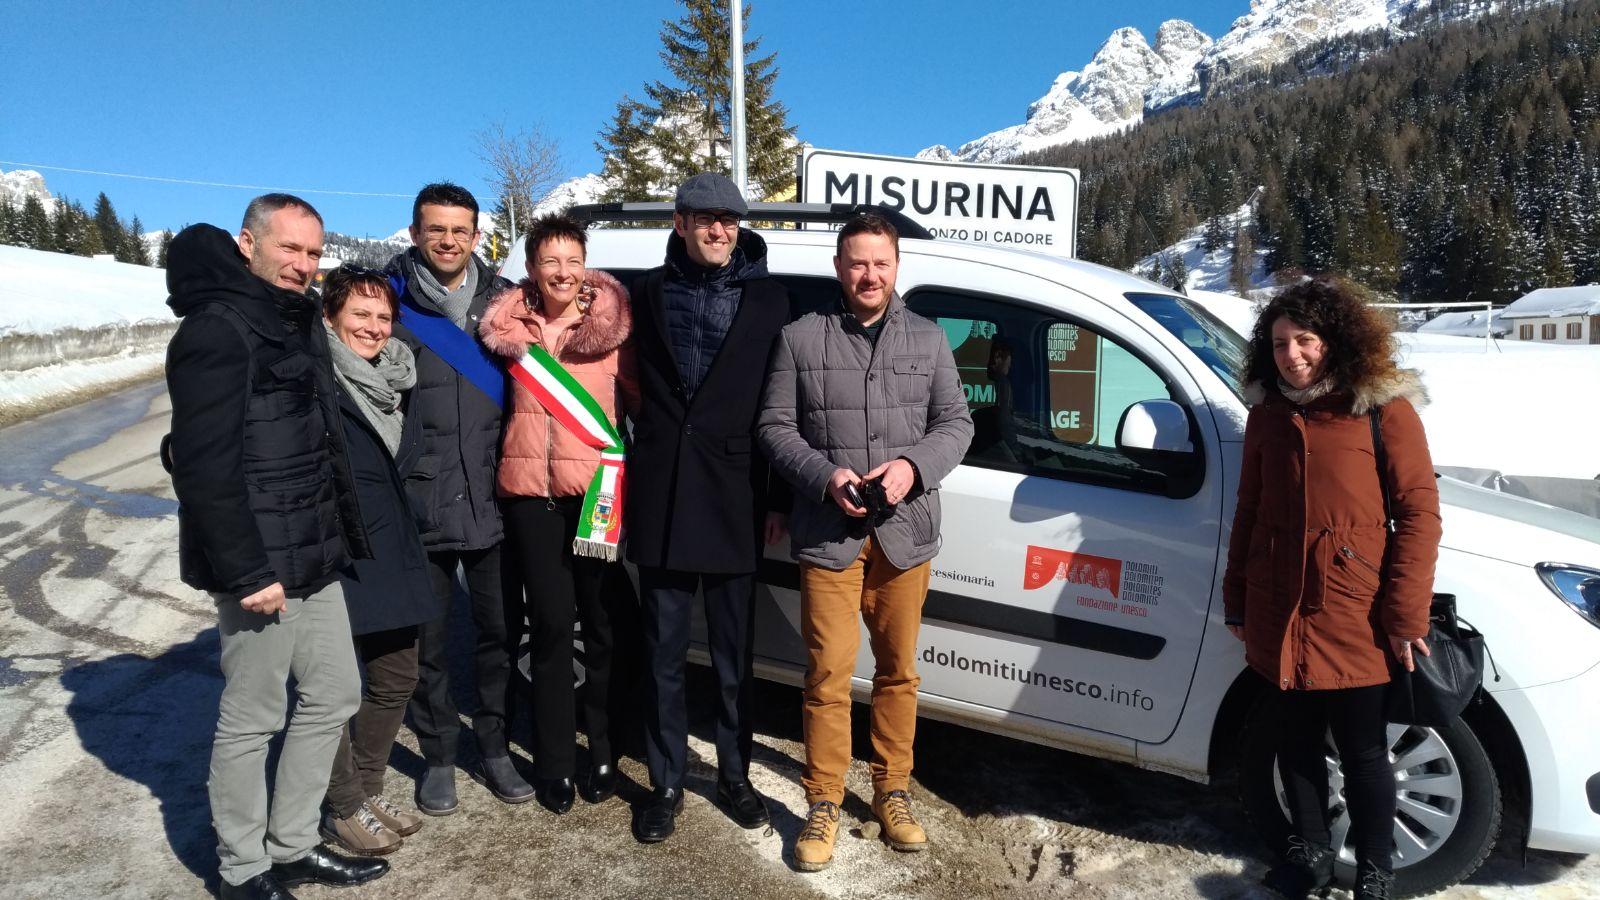 foto_gruppo_misurina